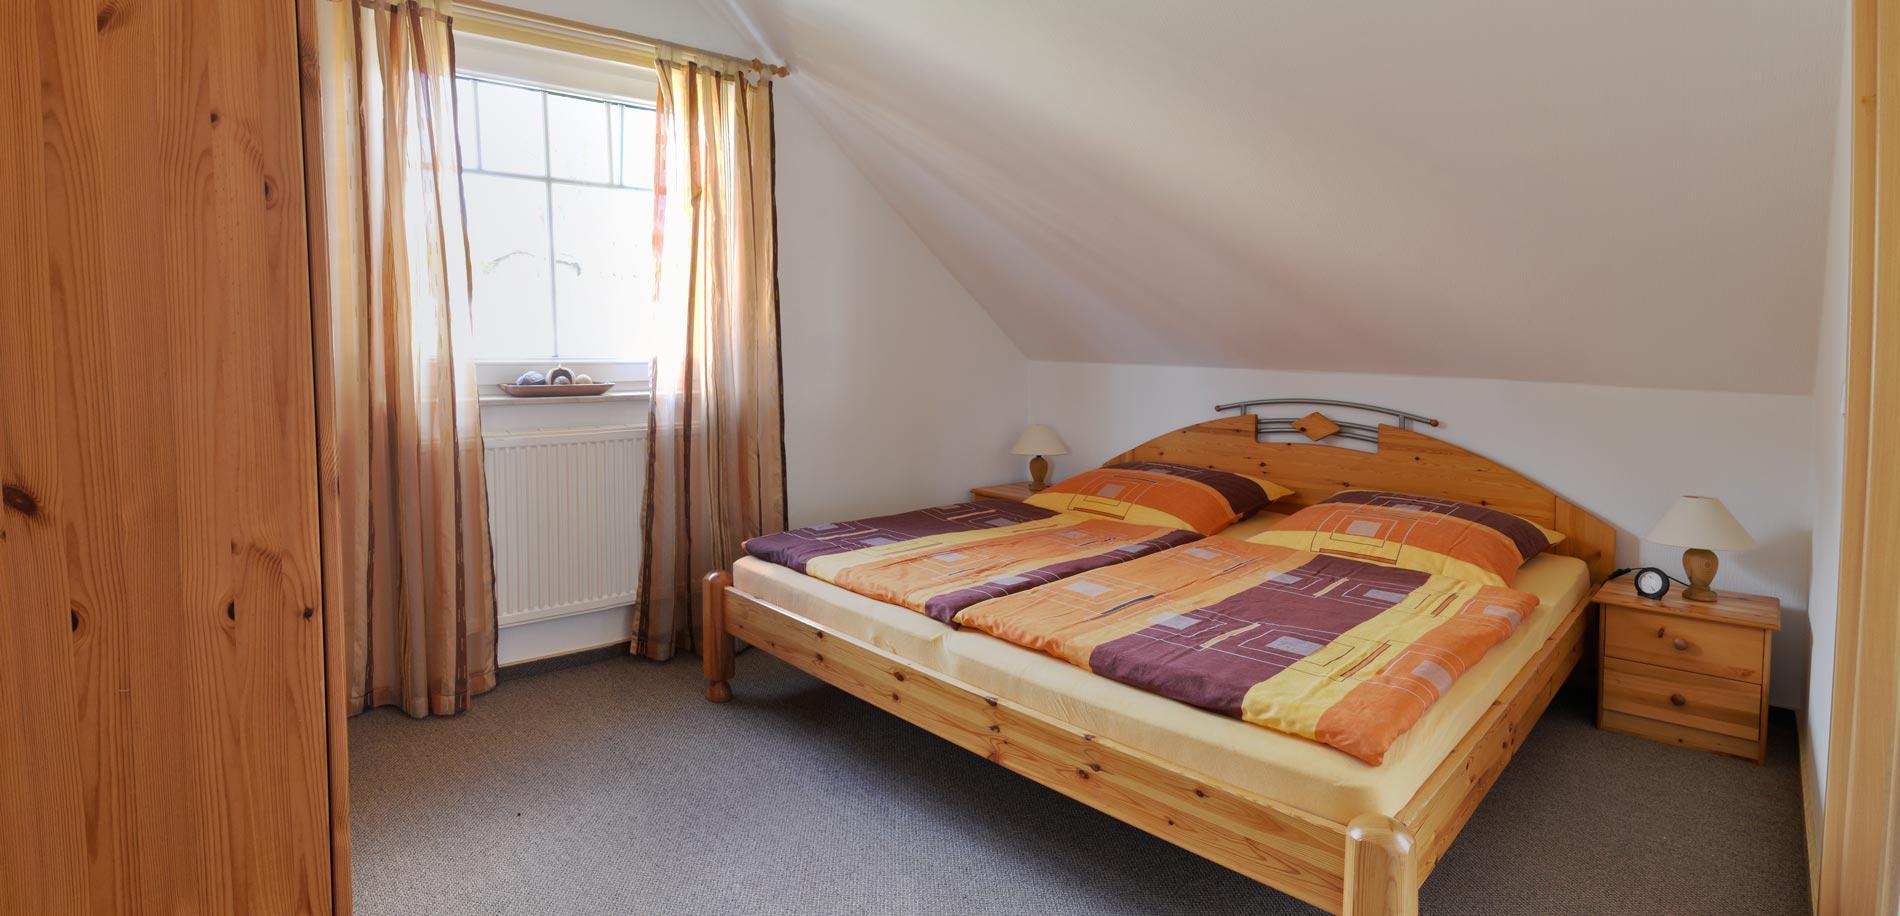 panorama-ferienwohnung-schlafen3_small